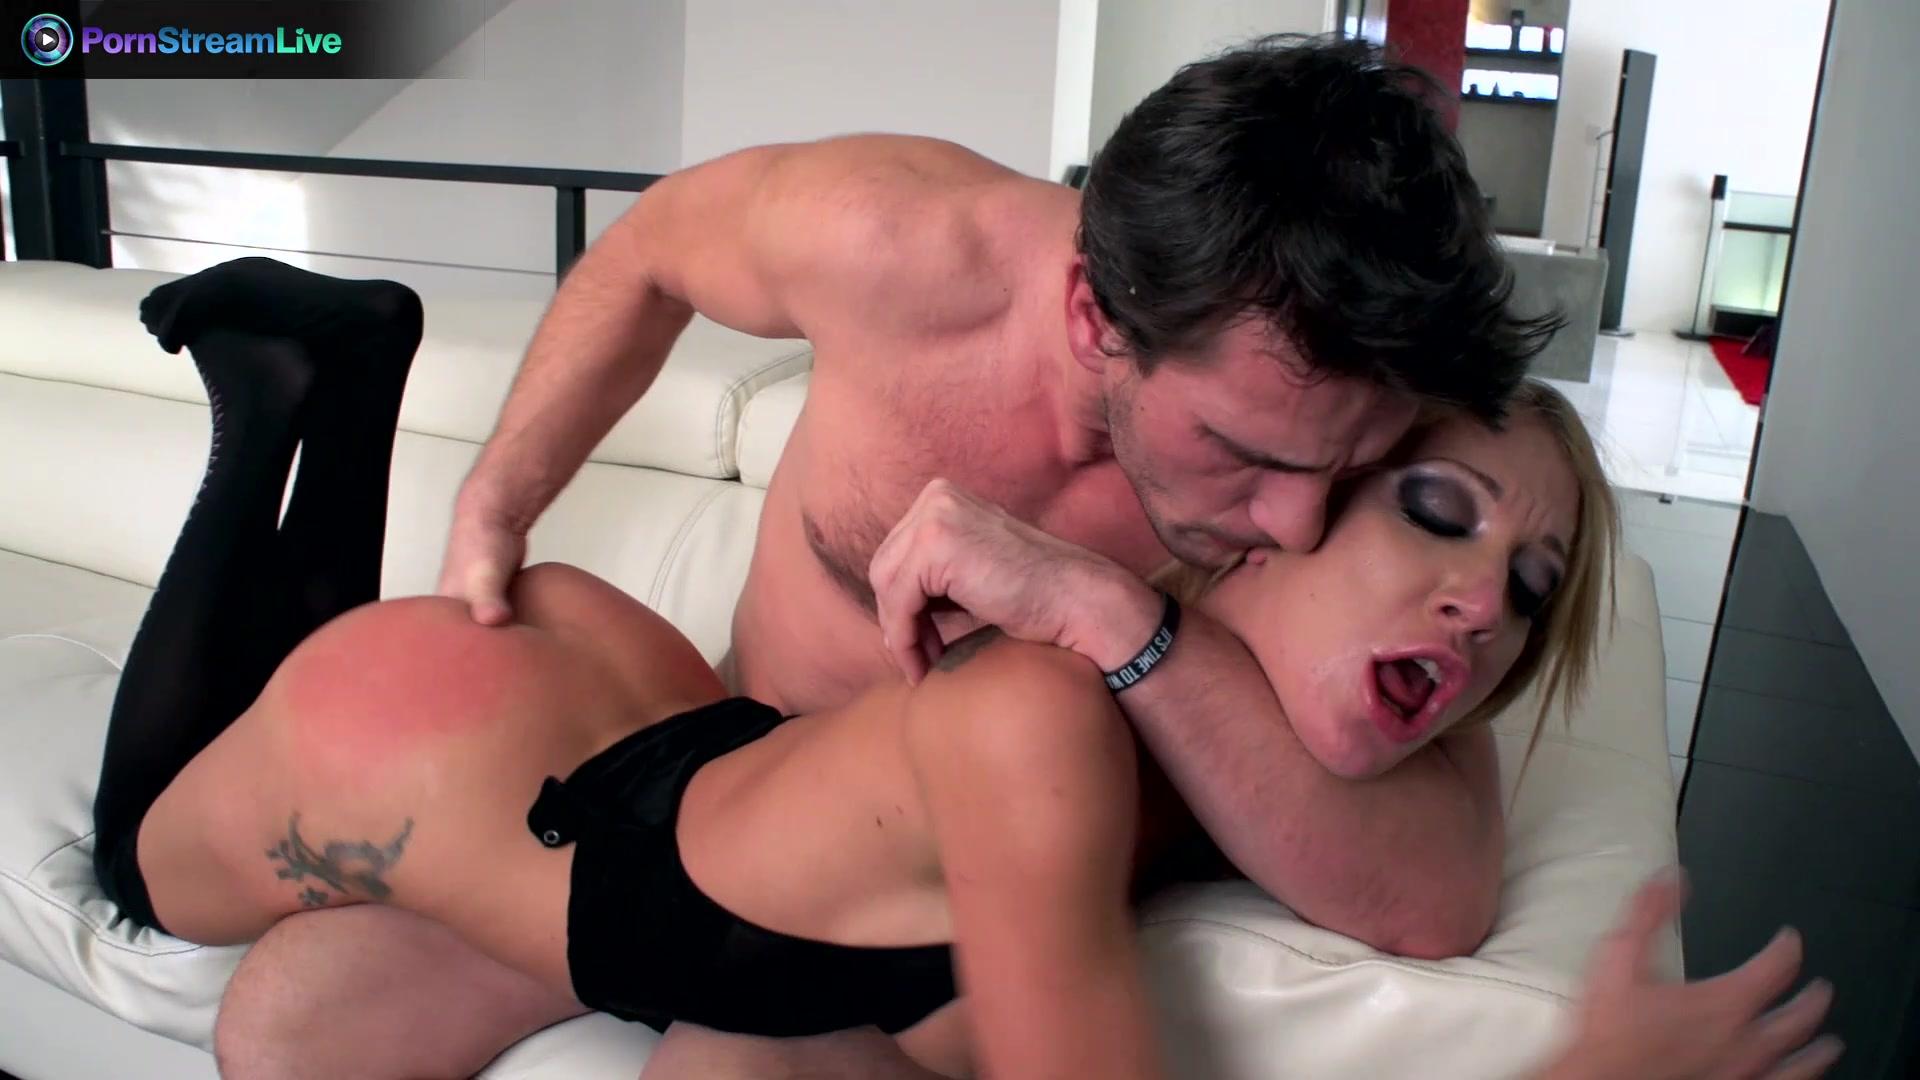 Petite blonde Amy Brooke in a kinky wild hardcore sex